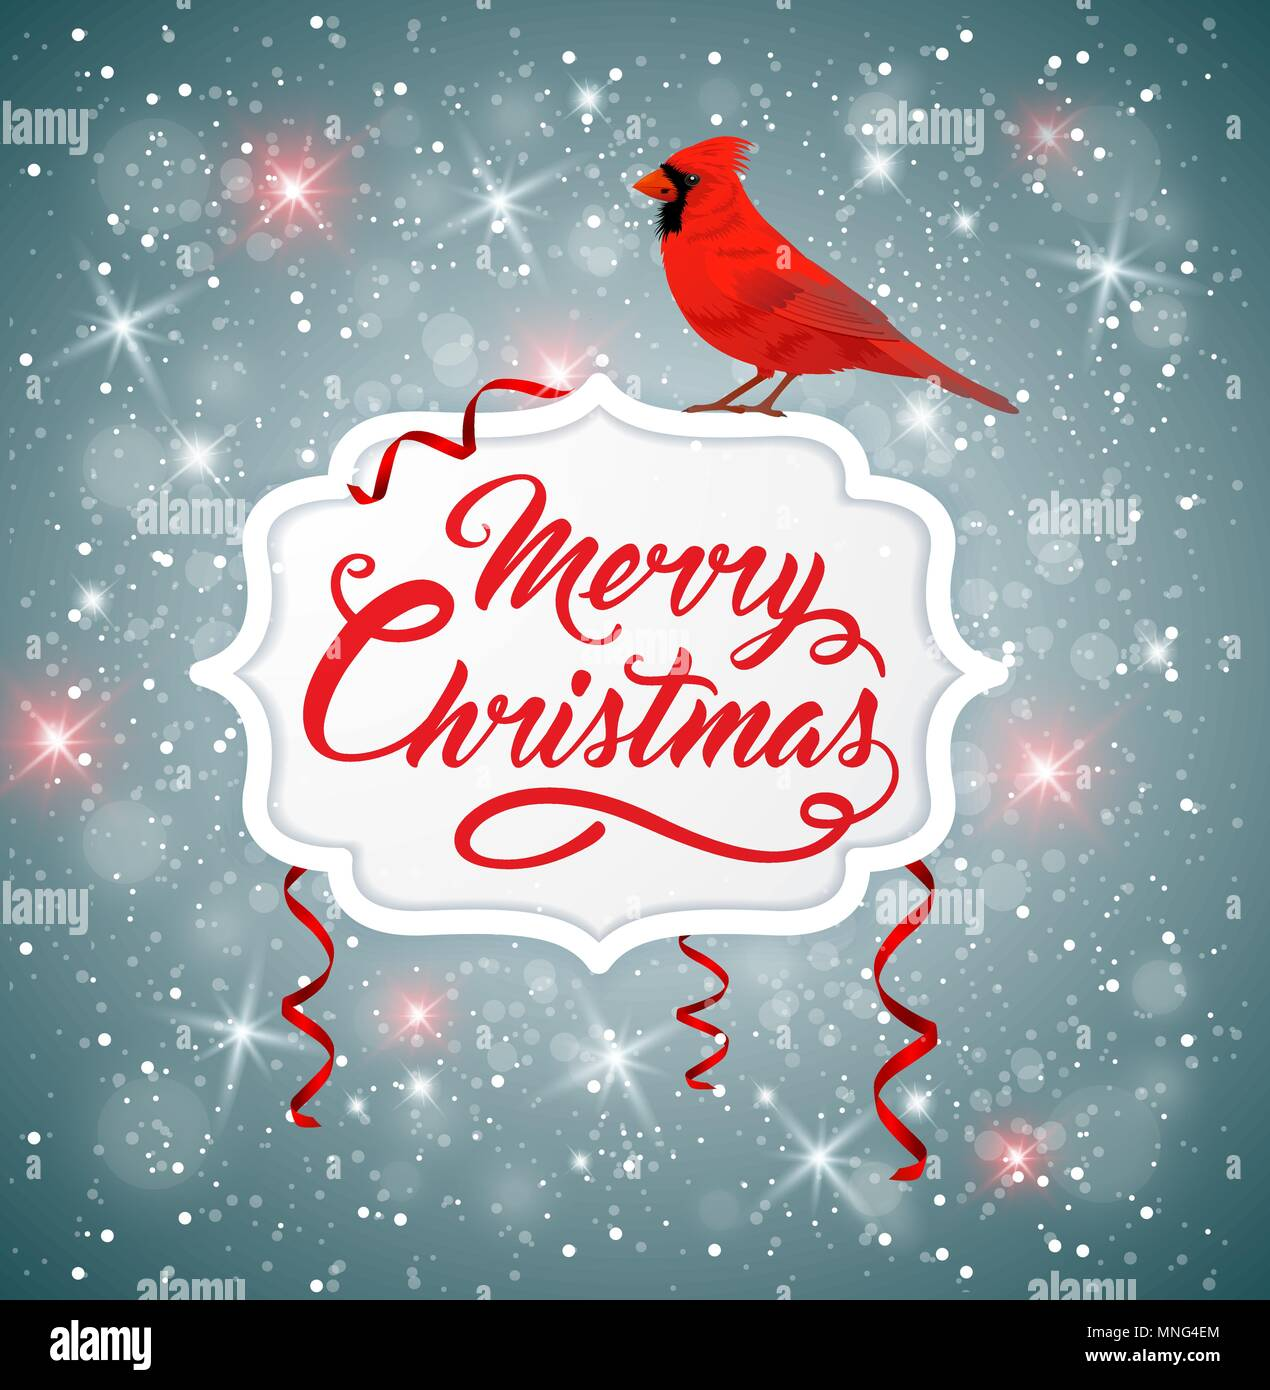 Banner de Navidad vectoriales con rojo cardenal bird y saludo la inscripción. Feliz Navidad letras Ilustración del Vector